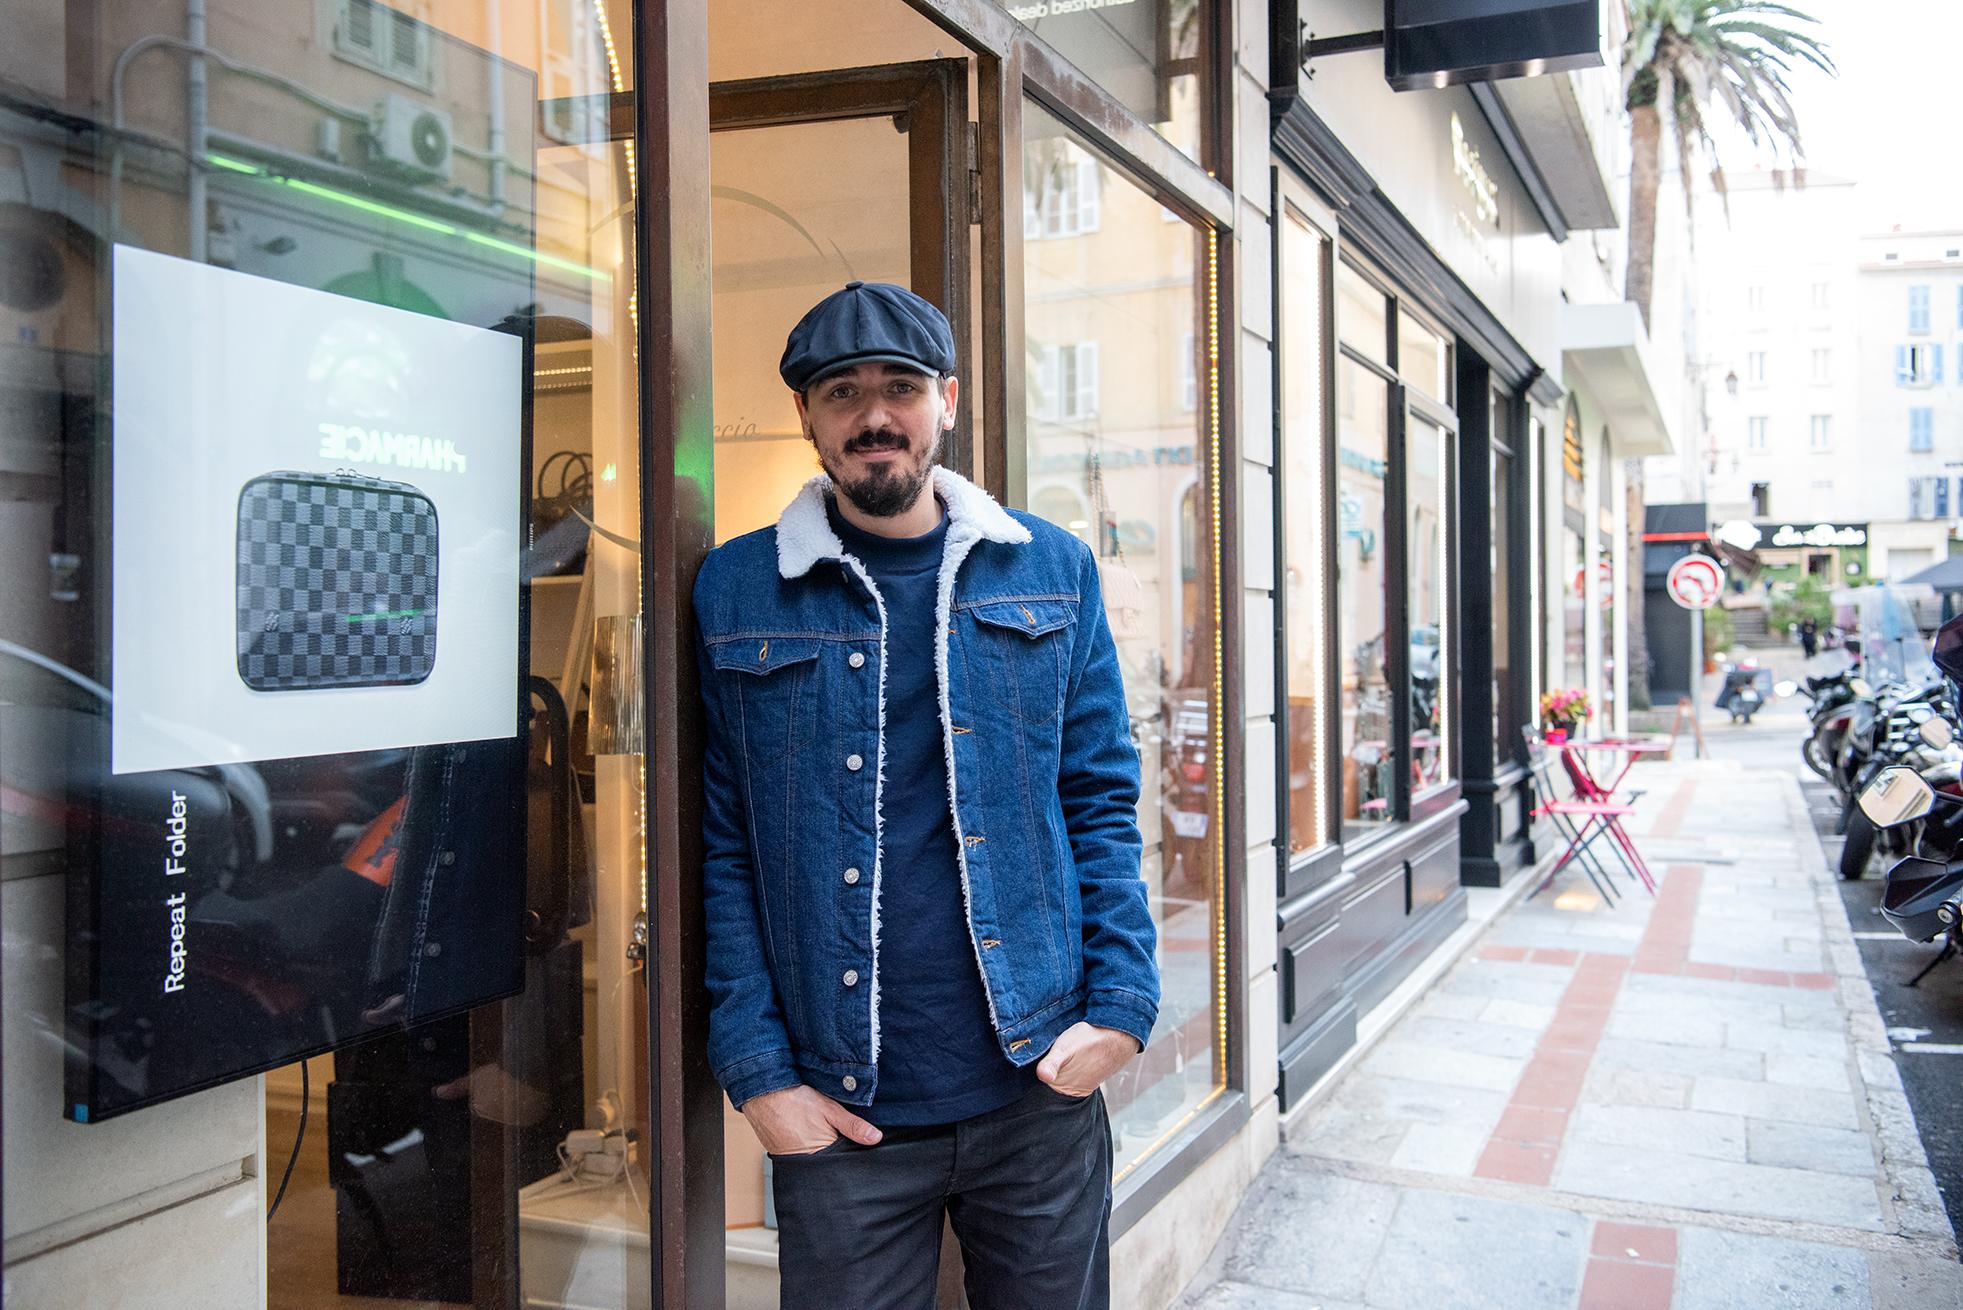 La proximité, le contact direct avec la clientèle sont parmi les atouts du commerce de centre-ville pour Raphaël Morandini (Photos Ville d'Ajaccio).